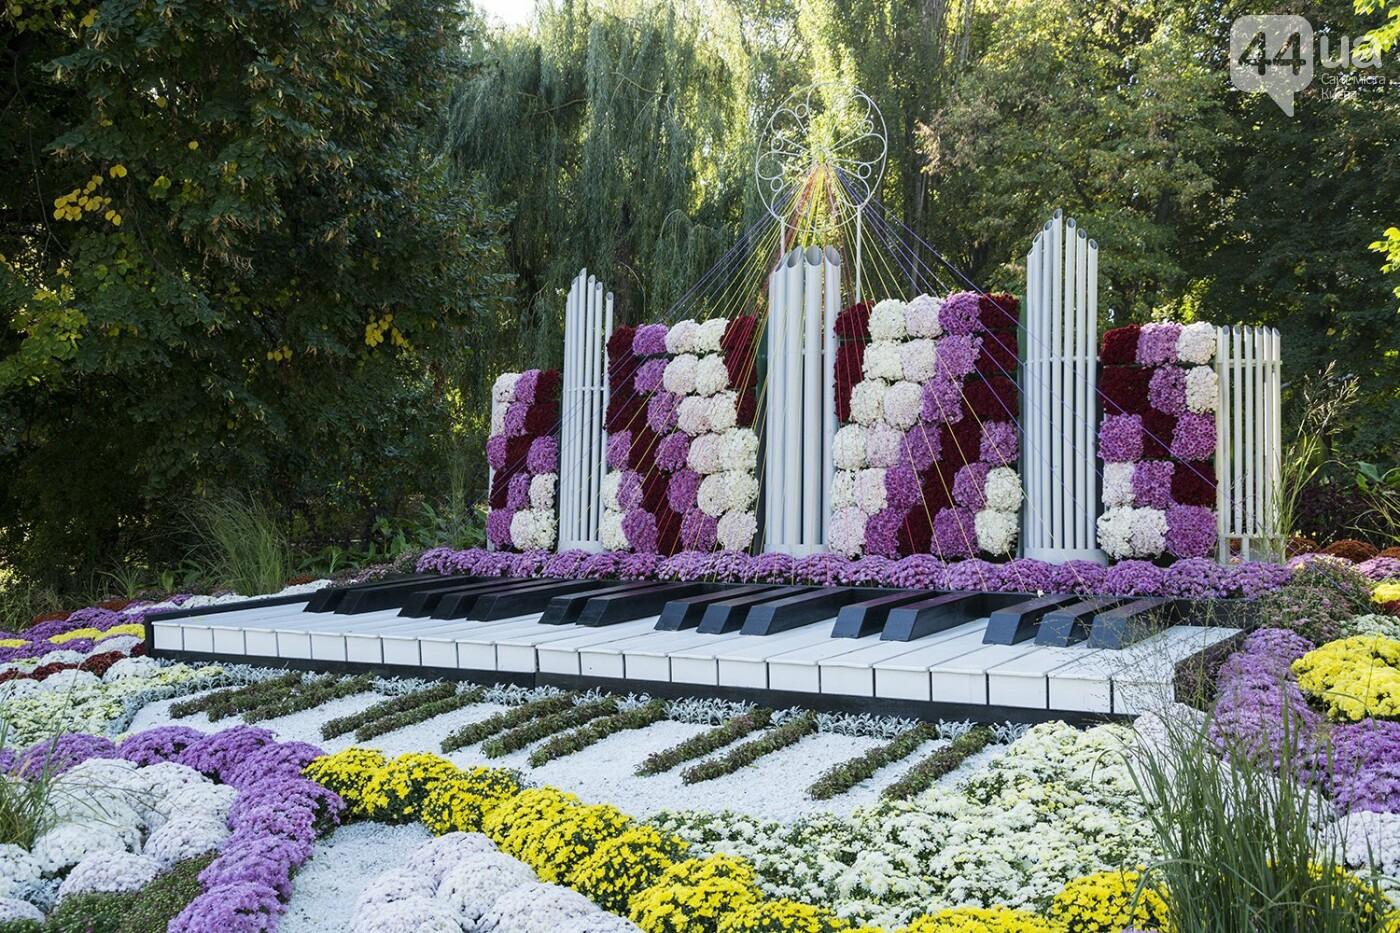 С музыкой и цветами: в Киеве стартовал красочный фестиваль хризантем, - ФОТОРЕПОРТАЖ, фото-6